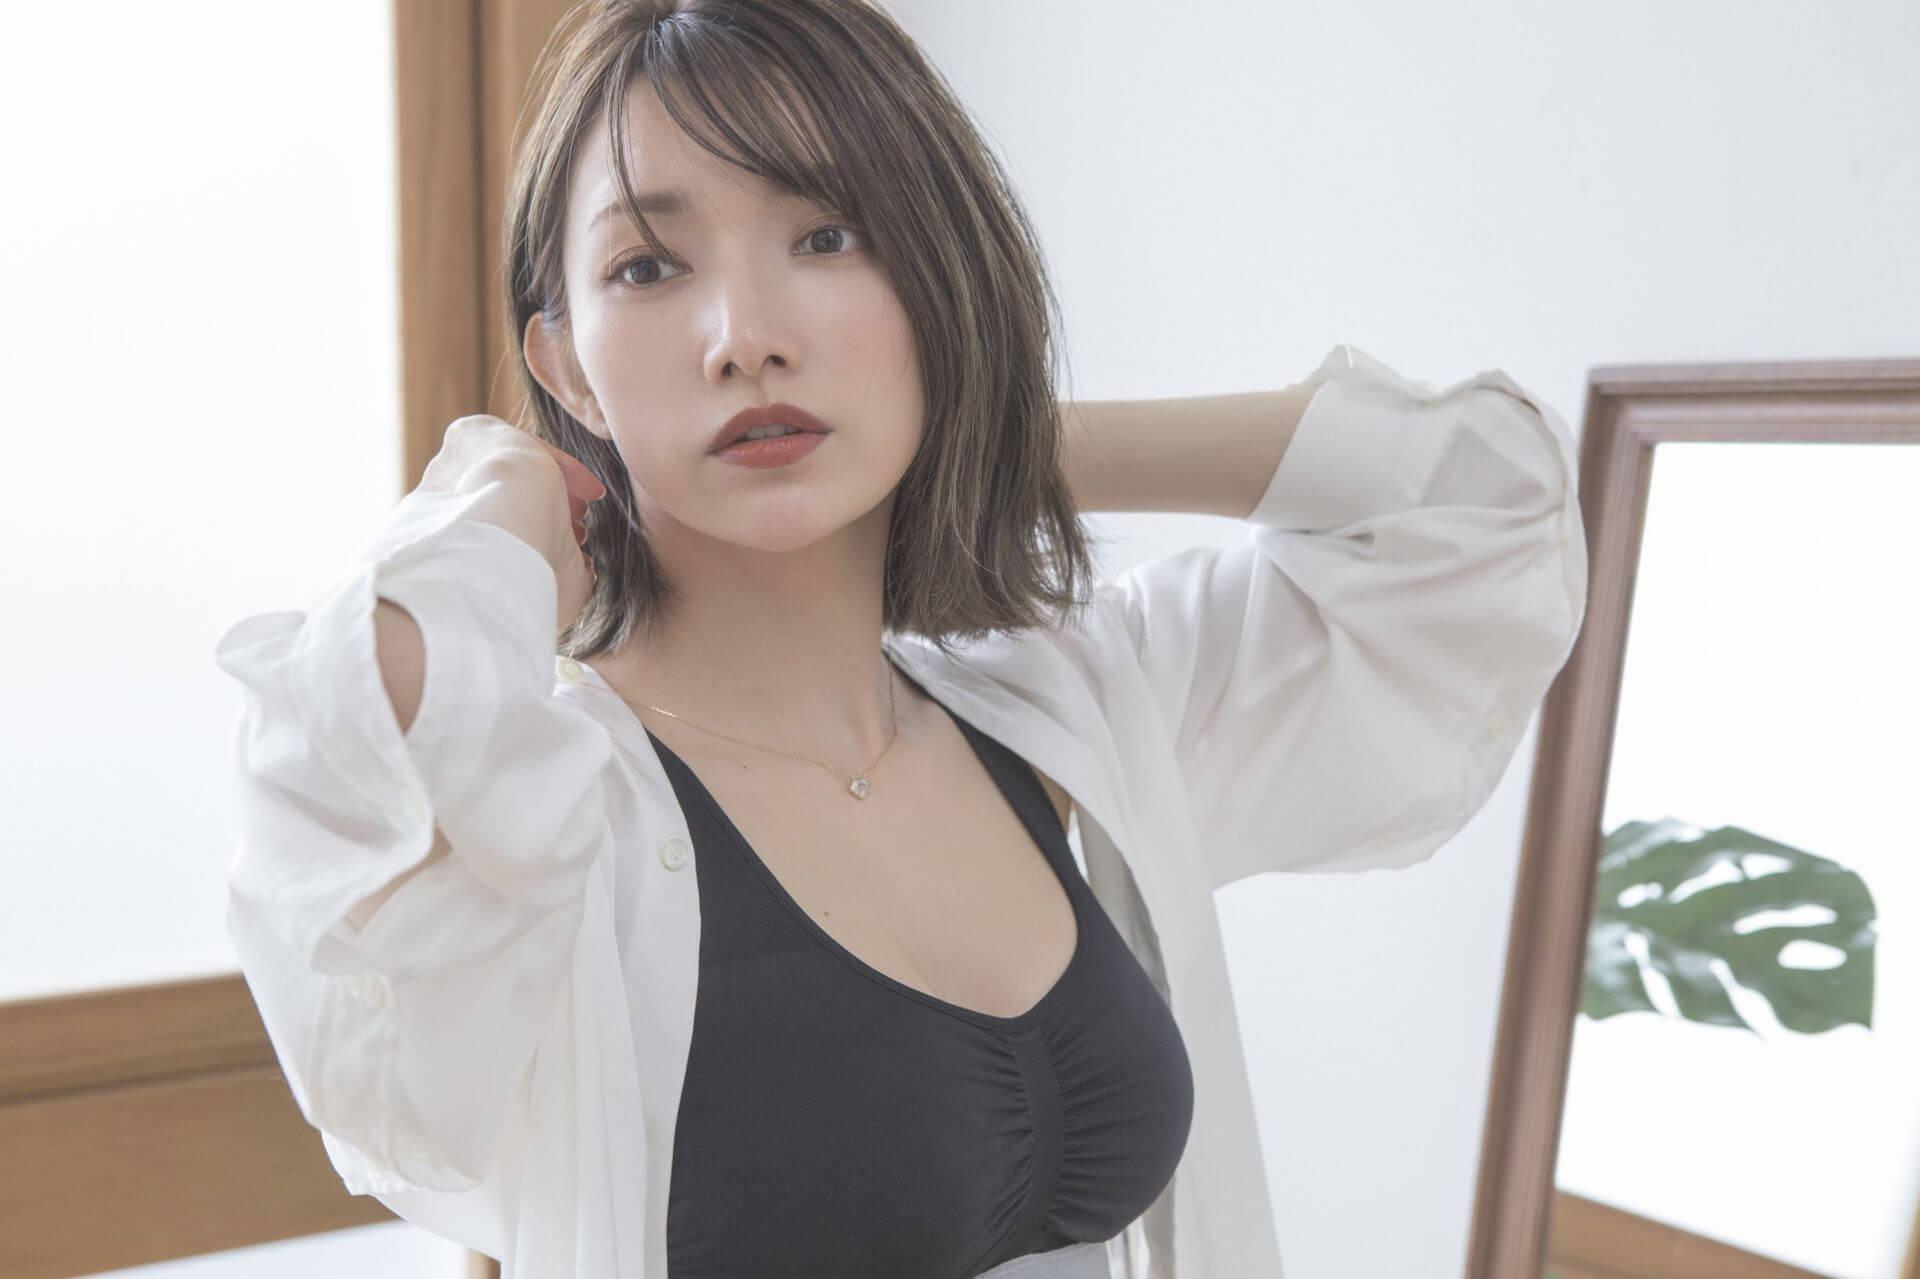 後藤真希、多くの人を魅了する超美ボディを披露!『NATURICHナイトブラ』のアンバサダーに就任 art200207_gotomaki_3